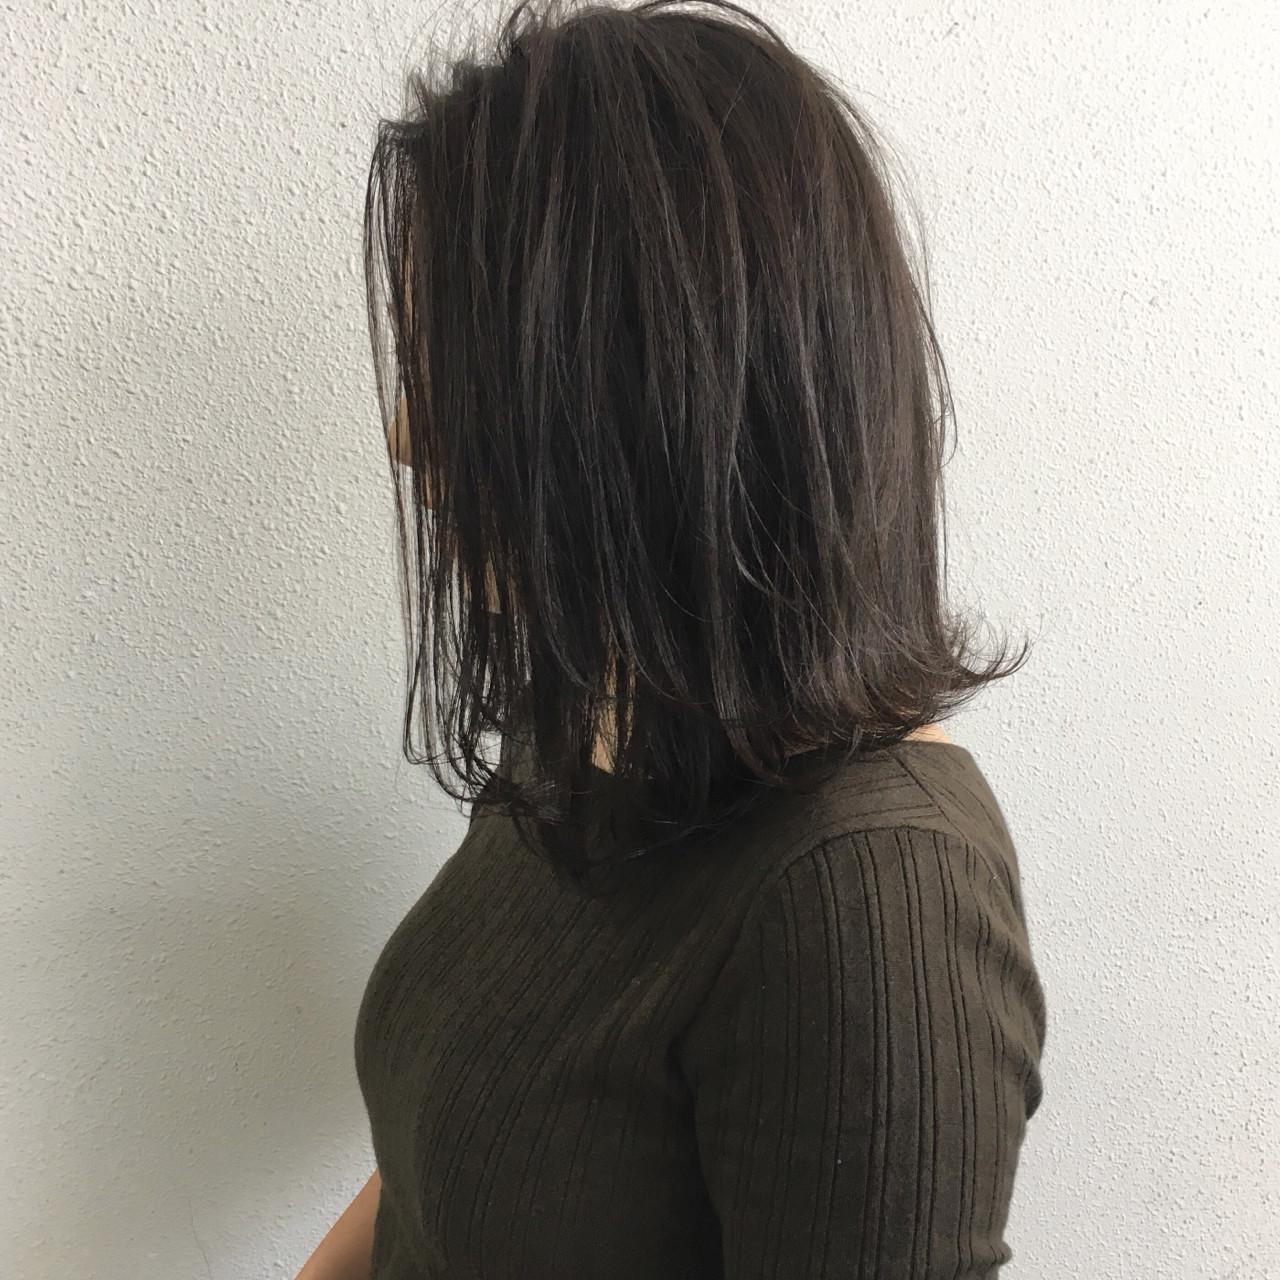 ボブ ナチュラル ミディアム ロブ ヘアスタイルや髪型の写真・画像 | 木下裕貴 / totti hair design